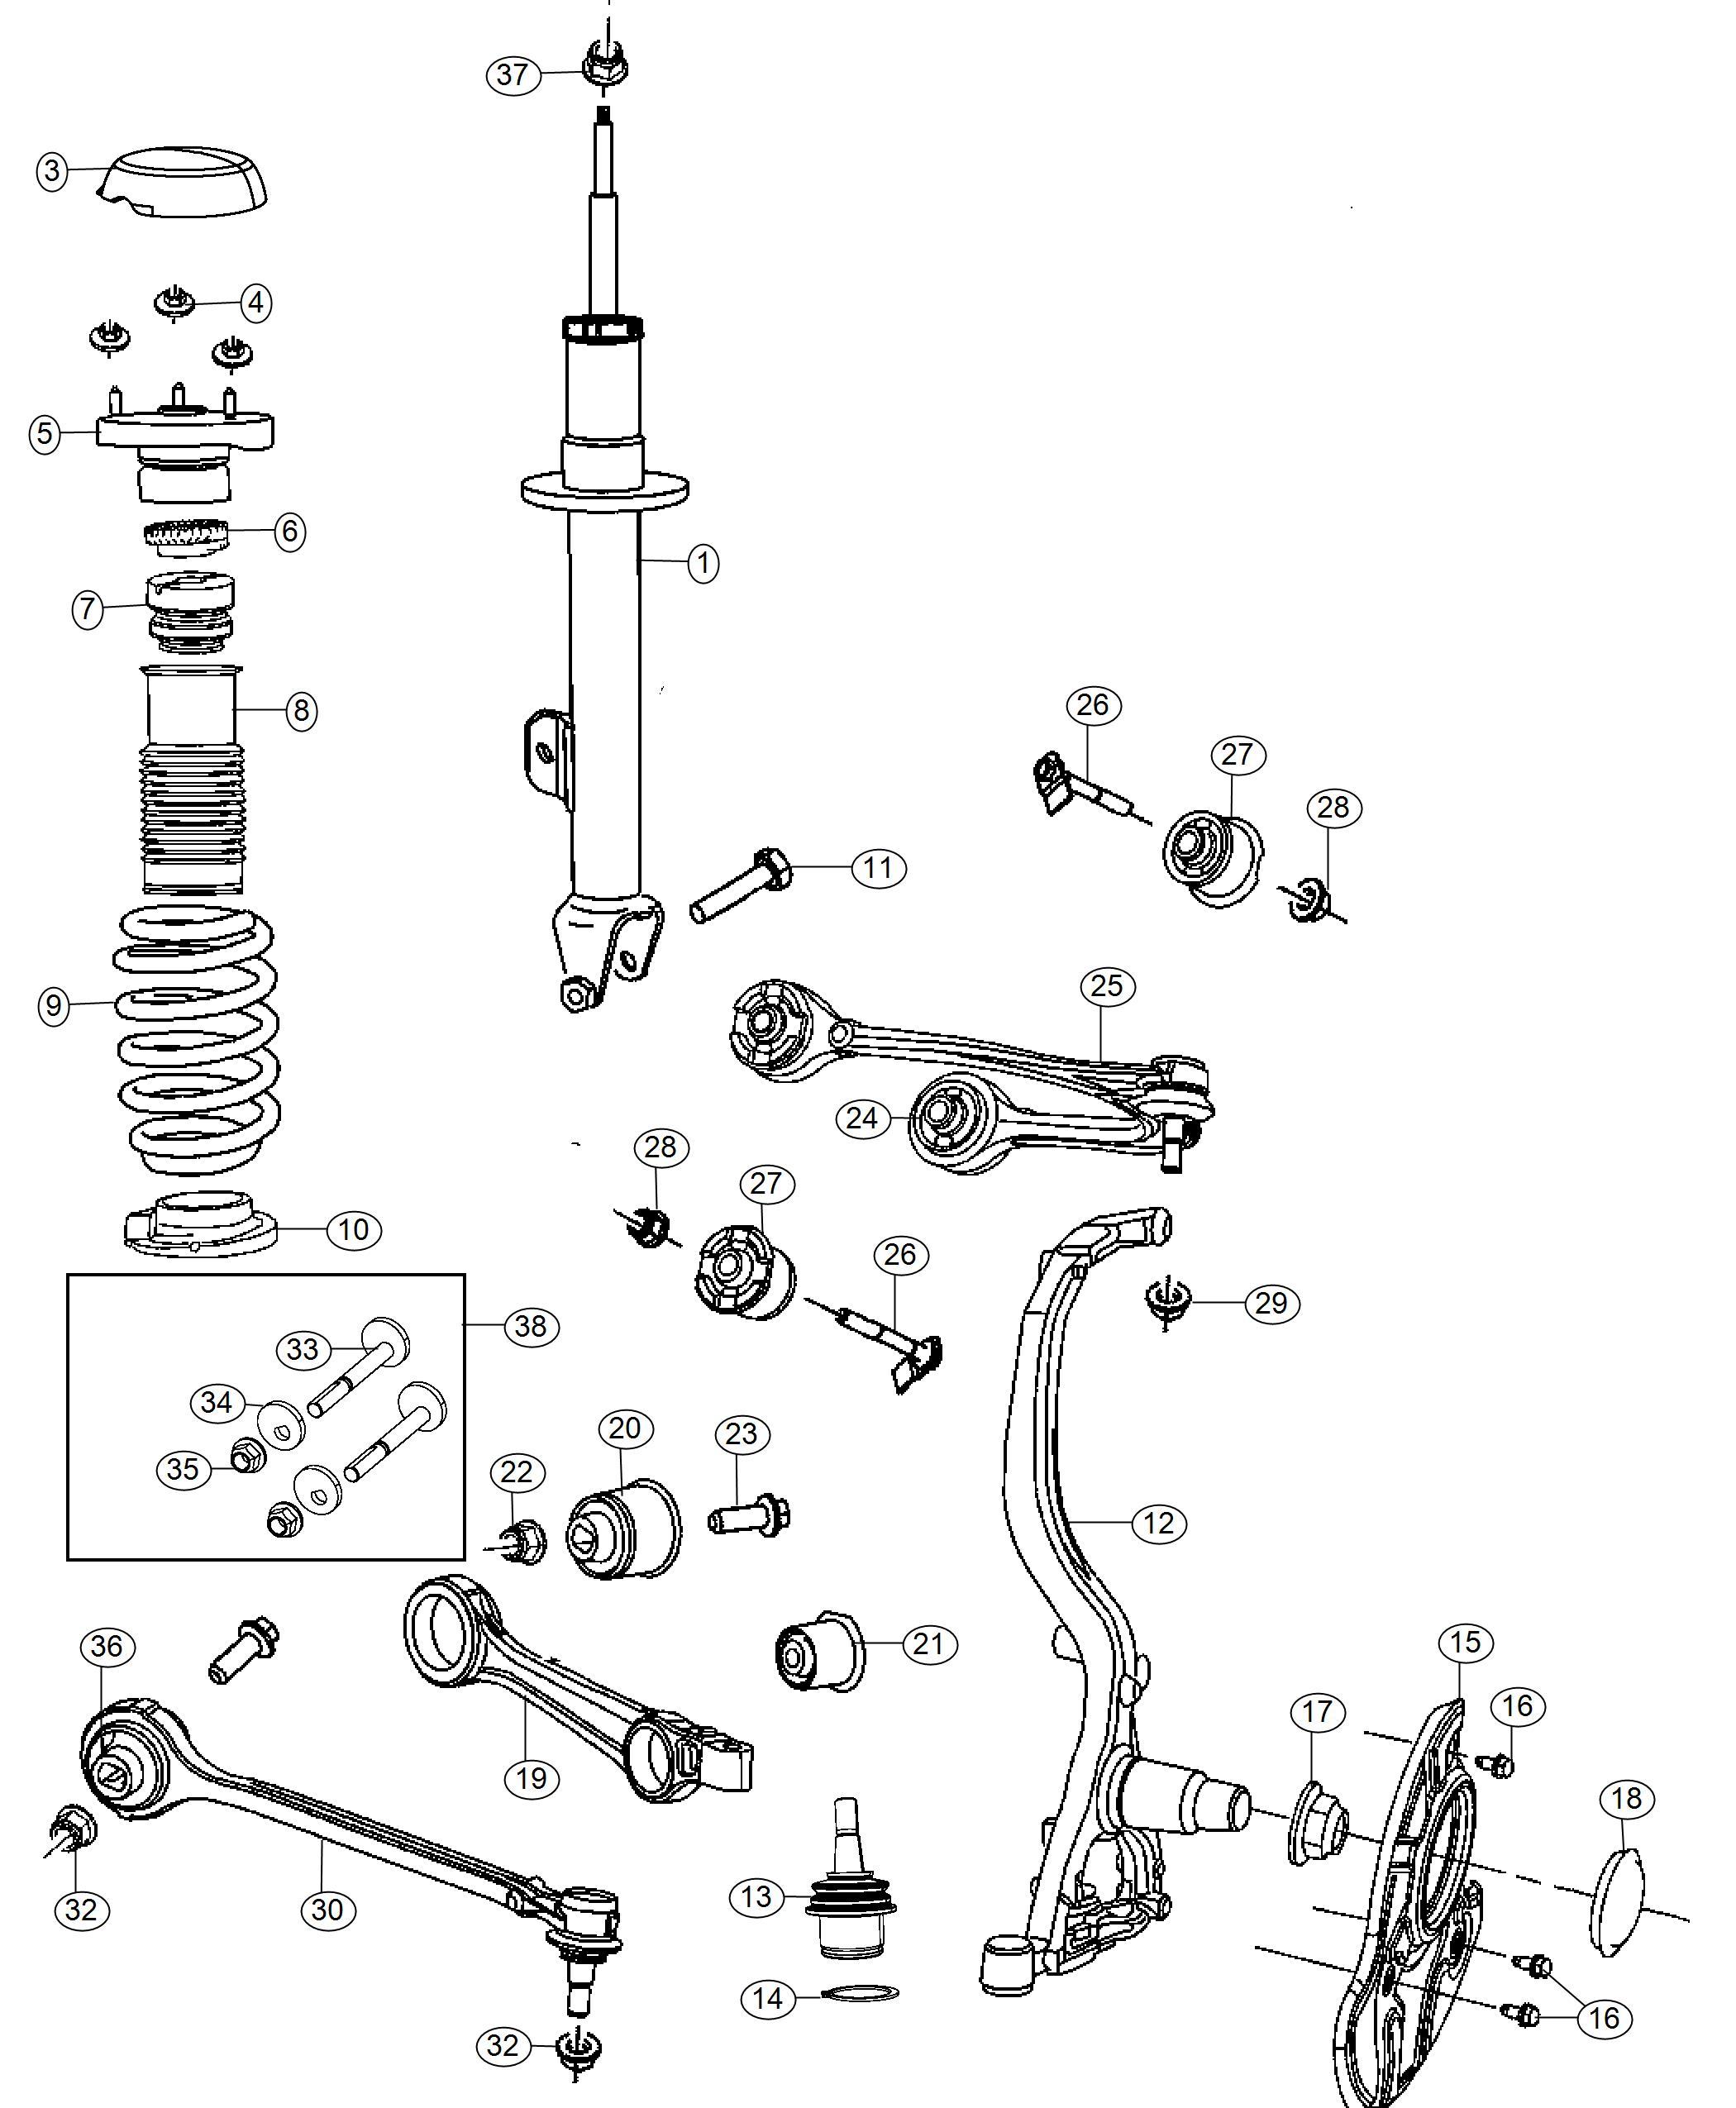 Ak 47 parts diagram